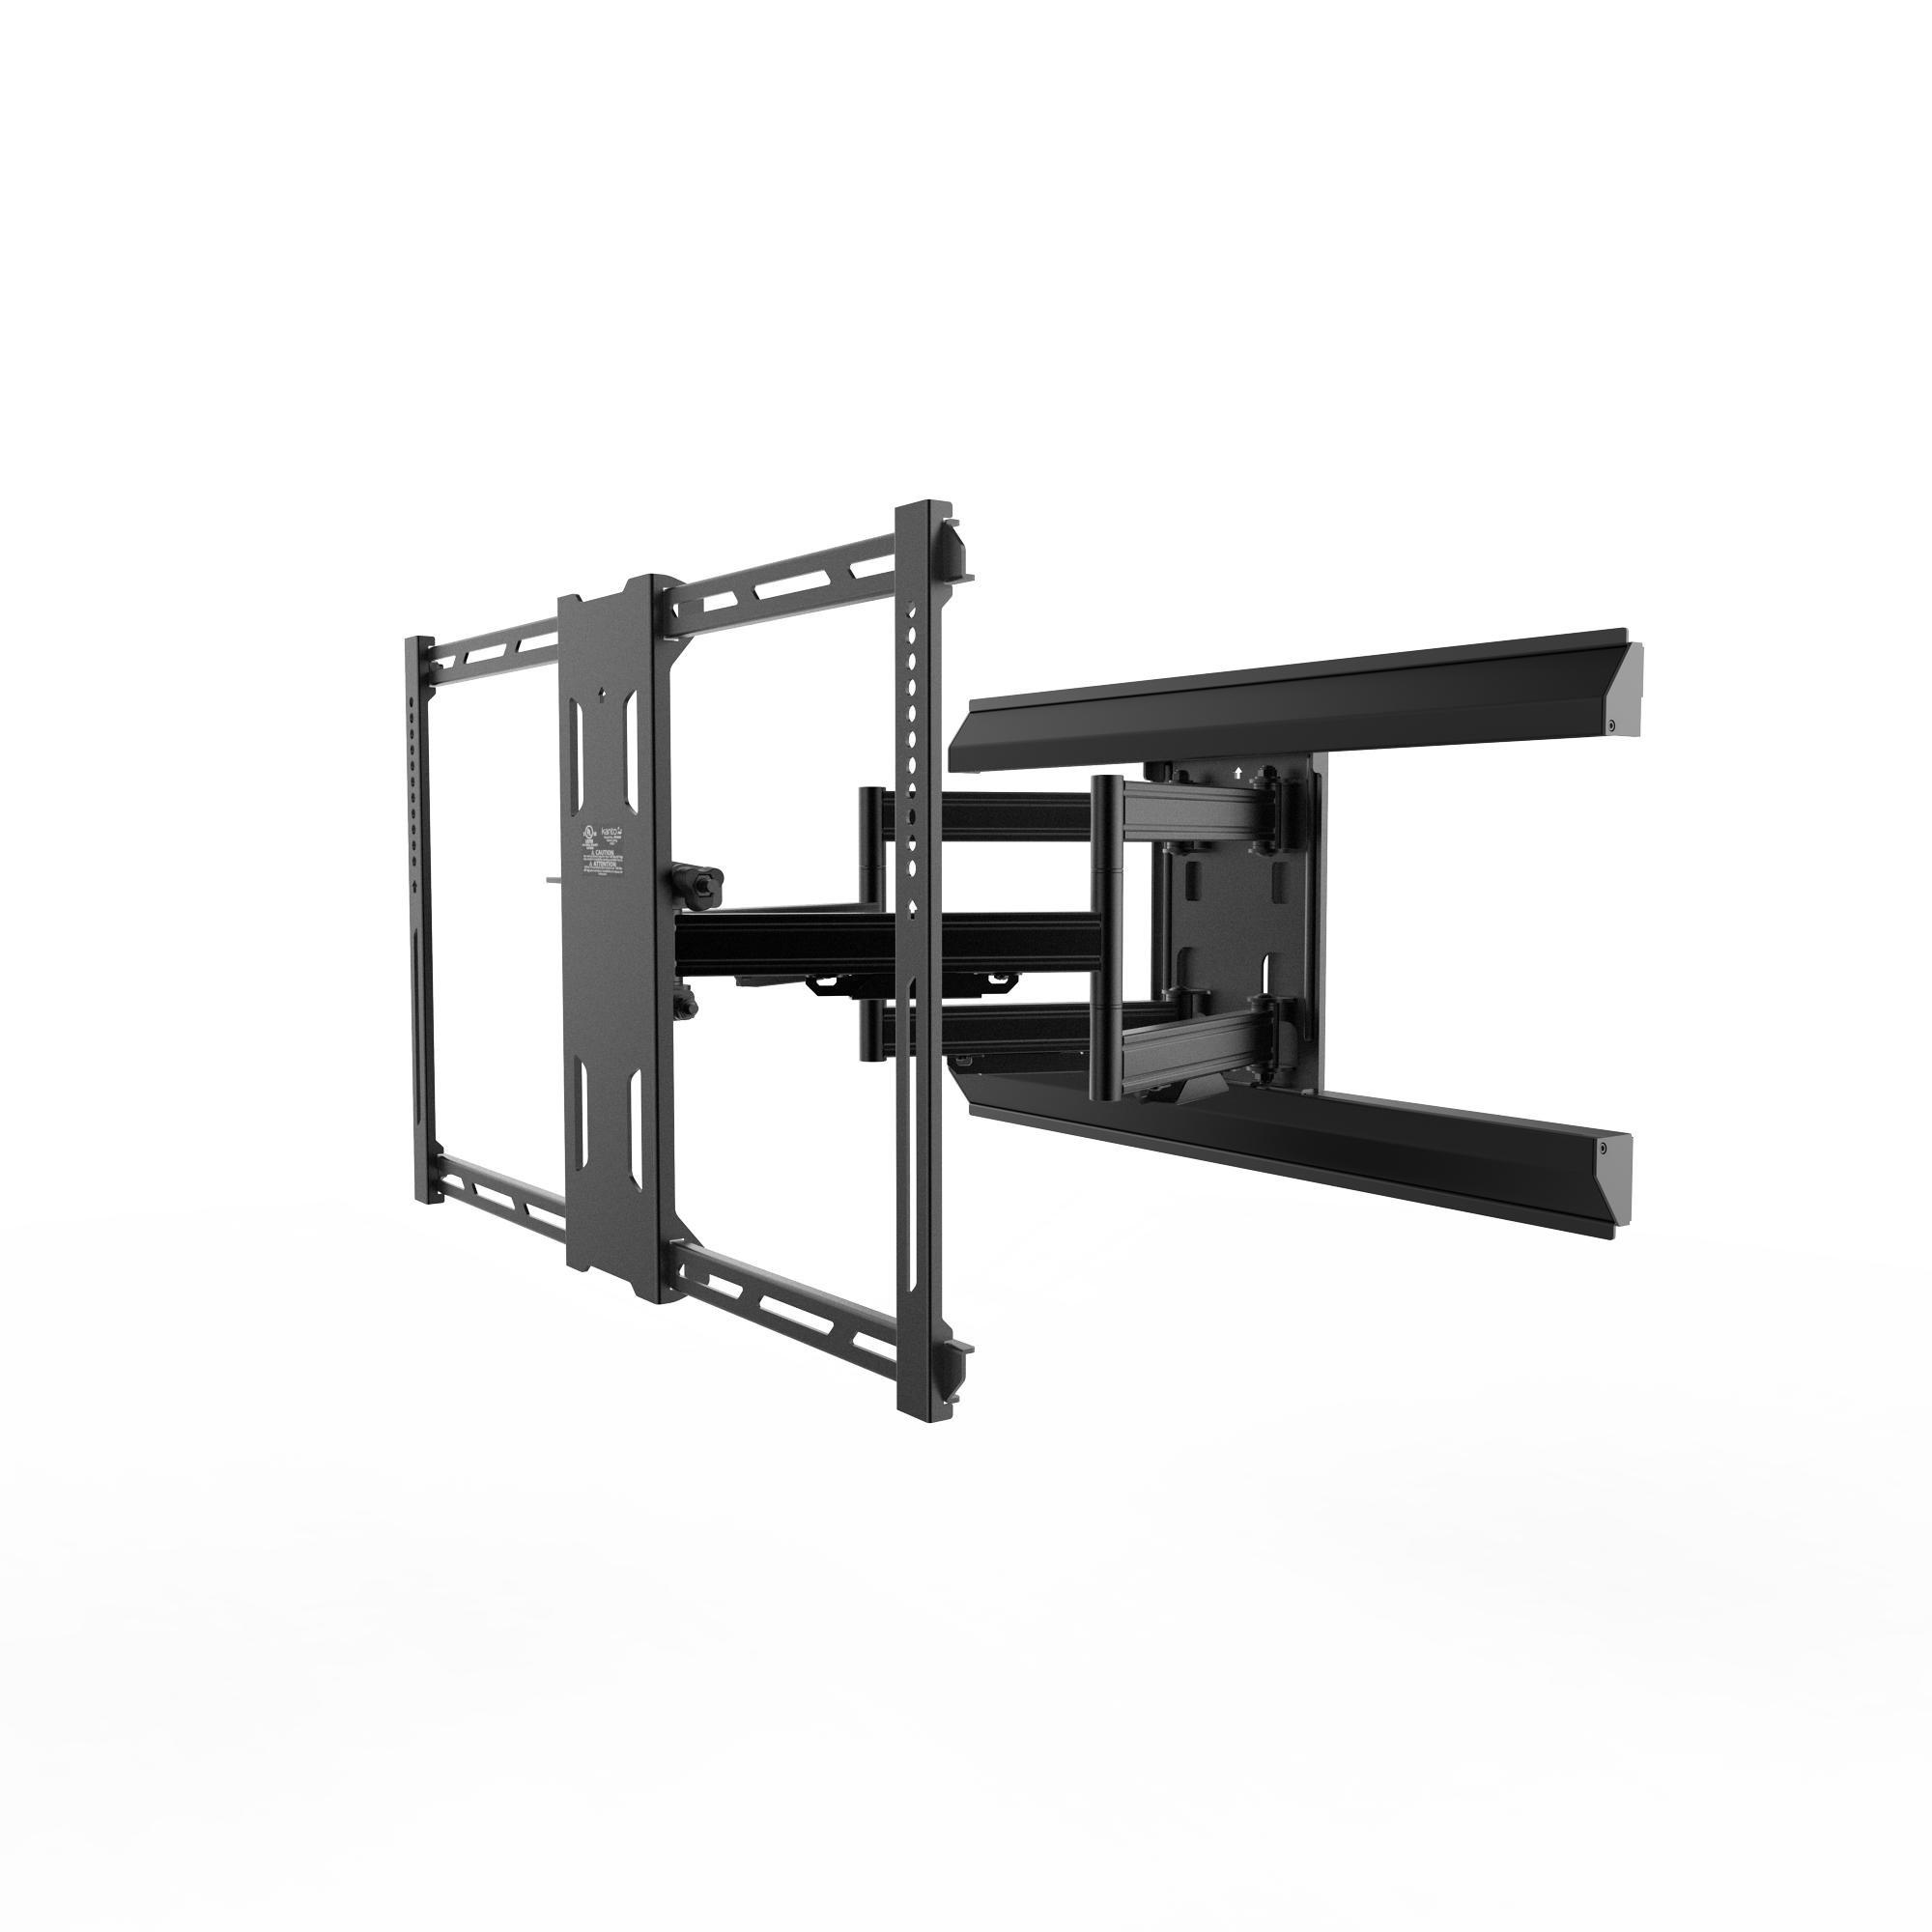 関東フルモーションPMX660 Proシリーズブラケット(93.98 cm〜203.2 cm)フラットパネルテレビ、黒PMX680 PMX680